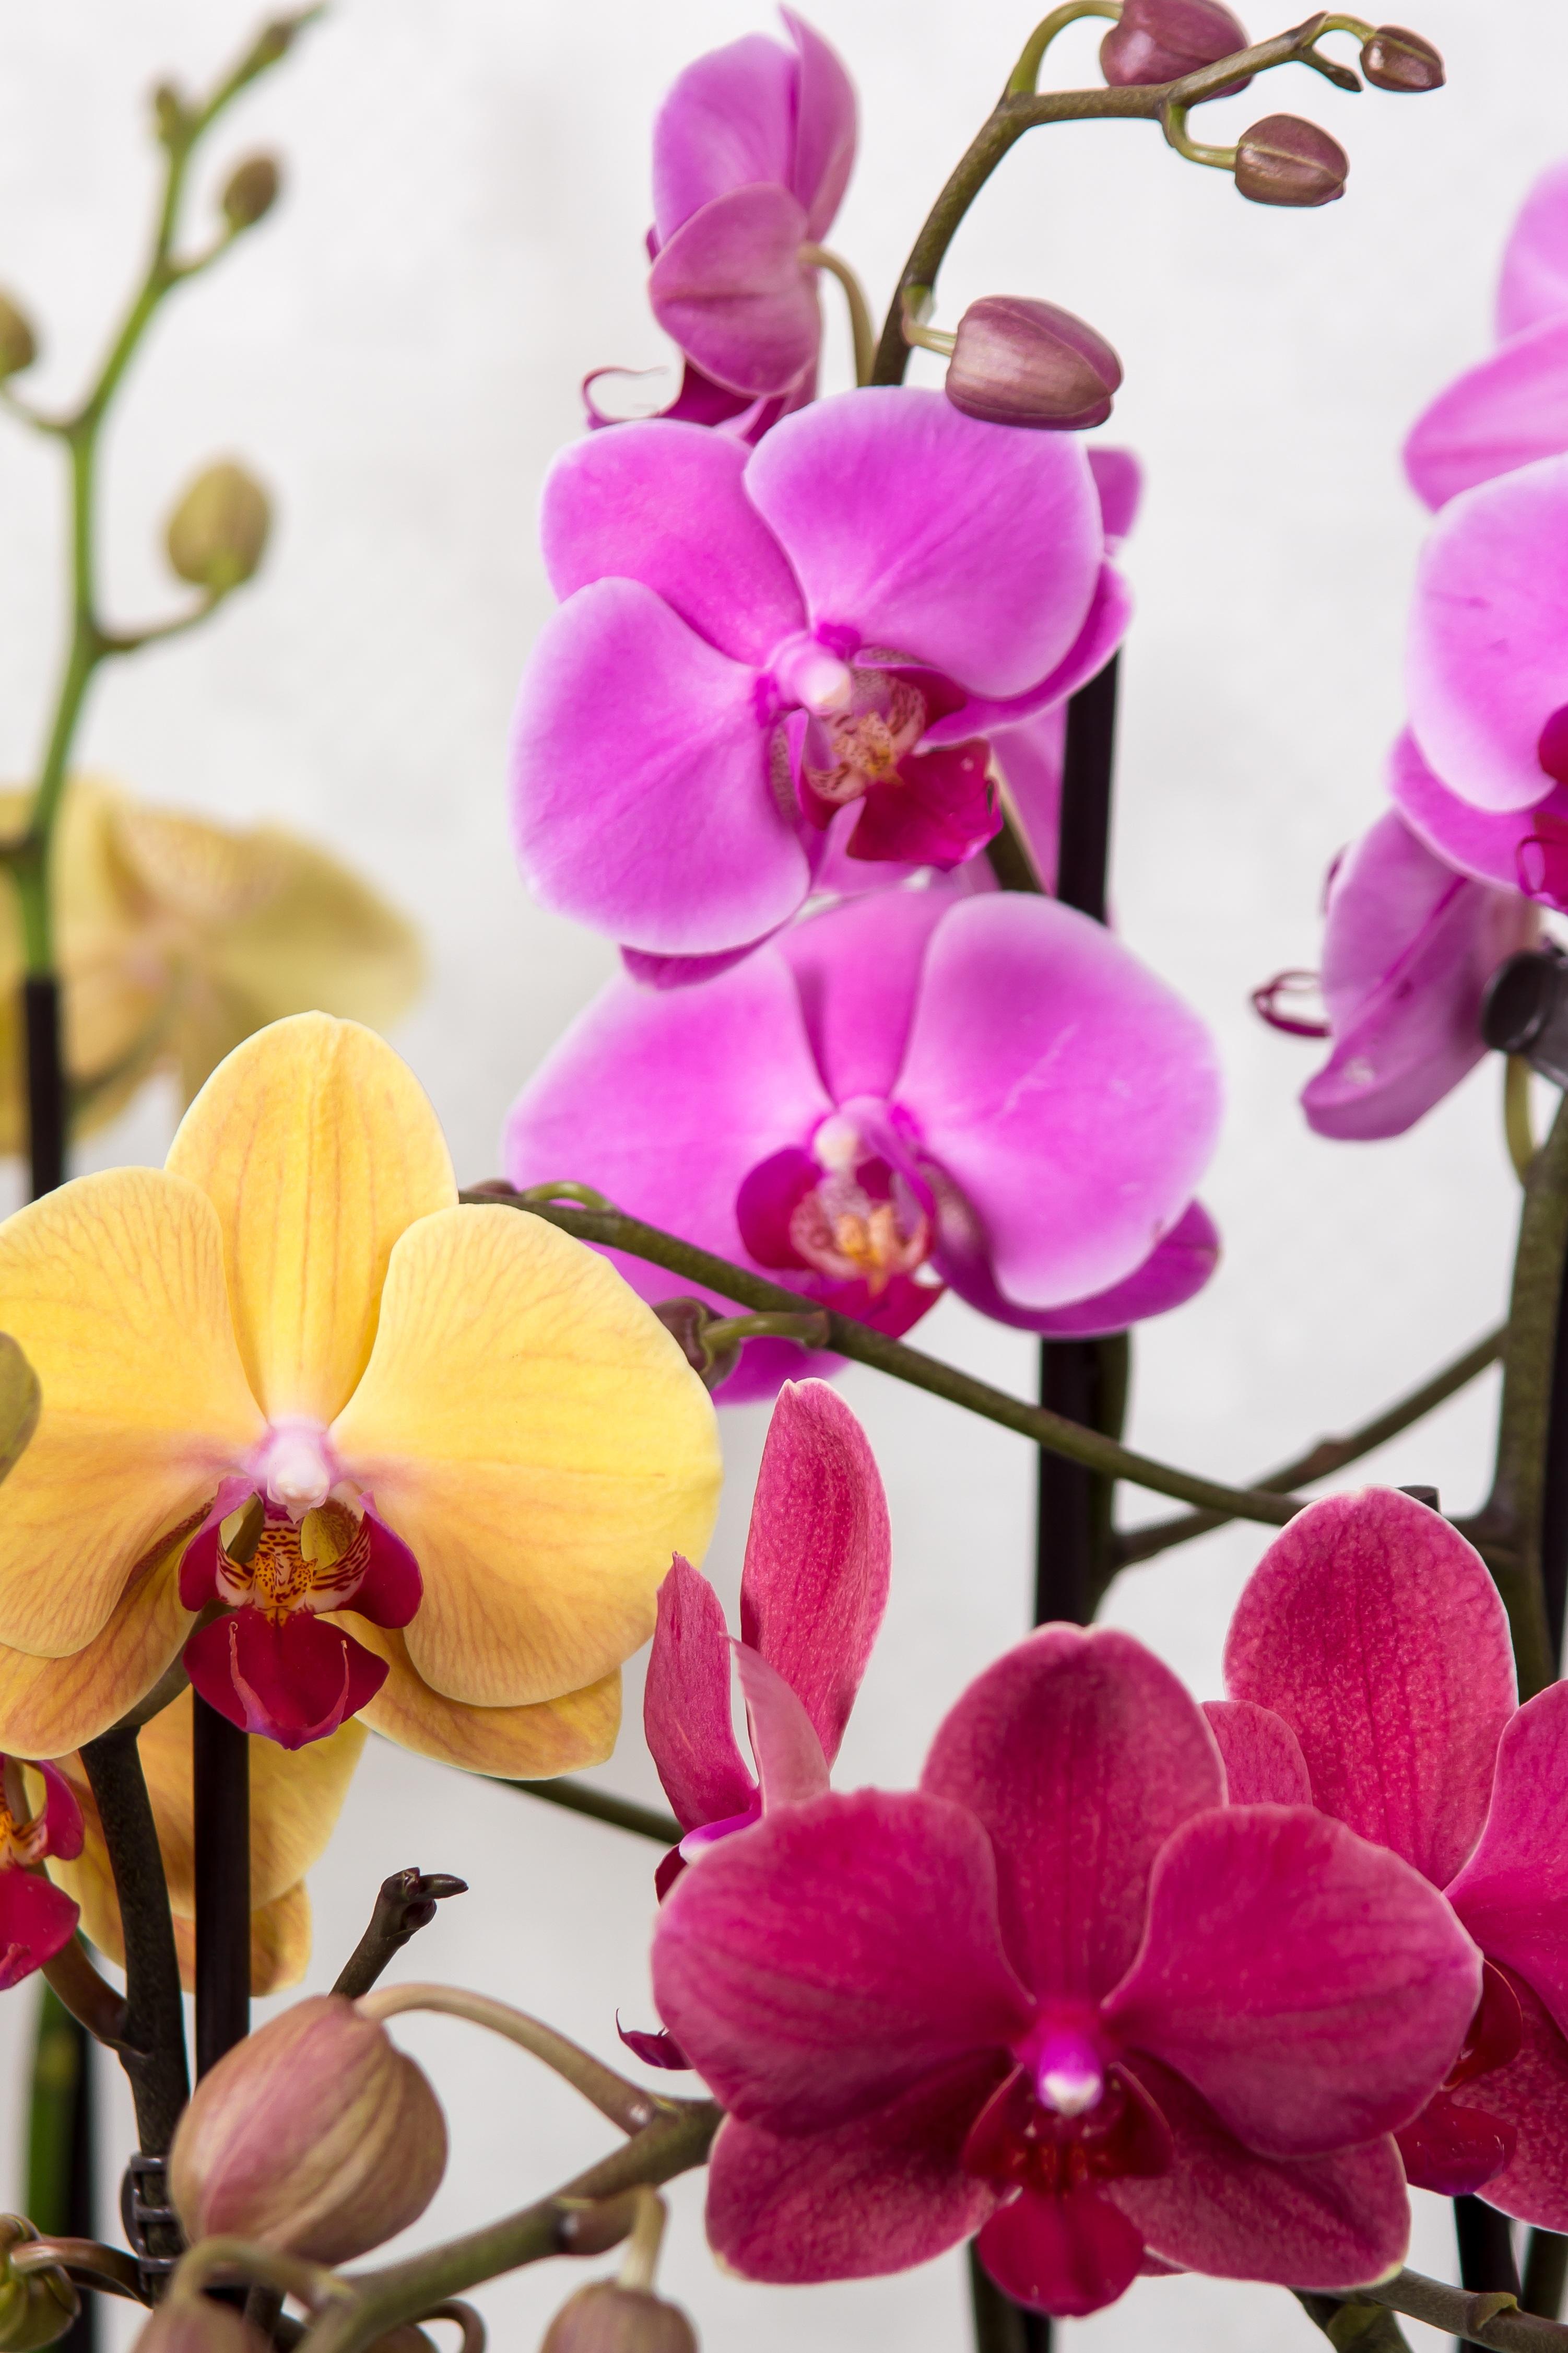 свой долгожданный фото всех цветов орхидеи каким-то причинам